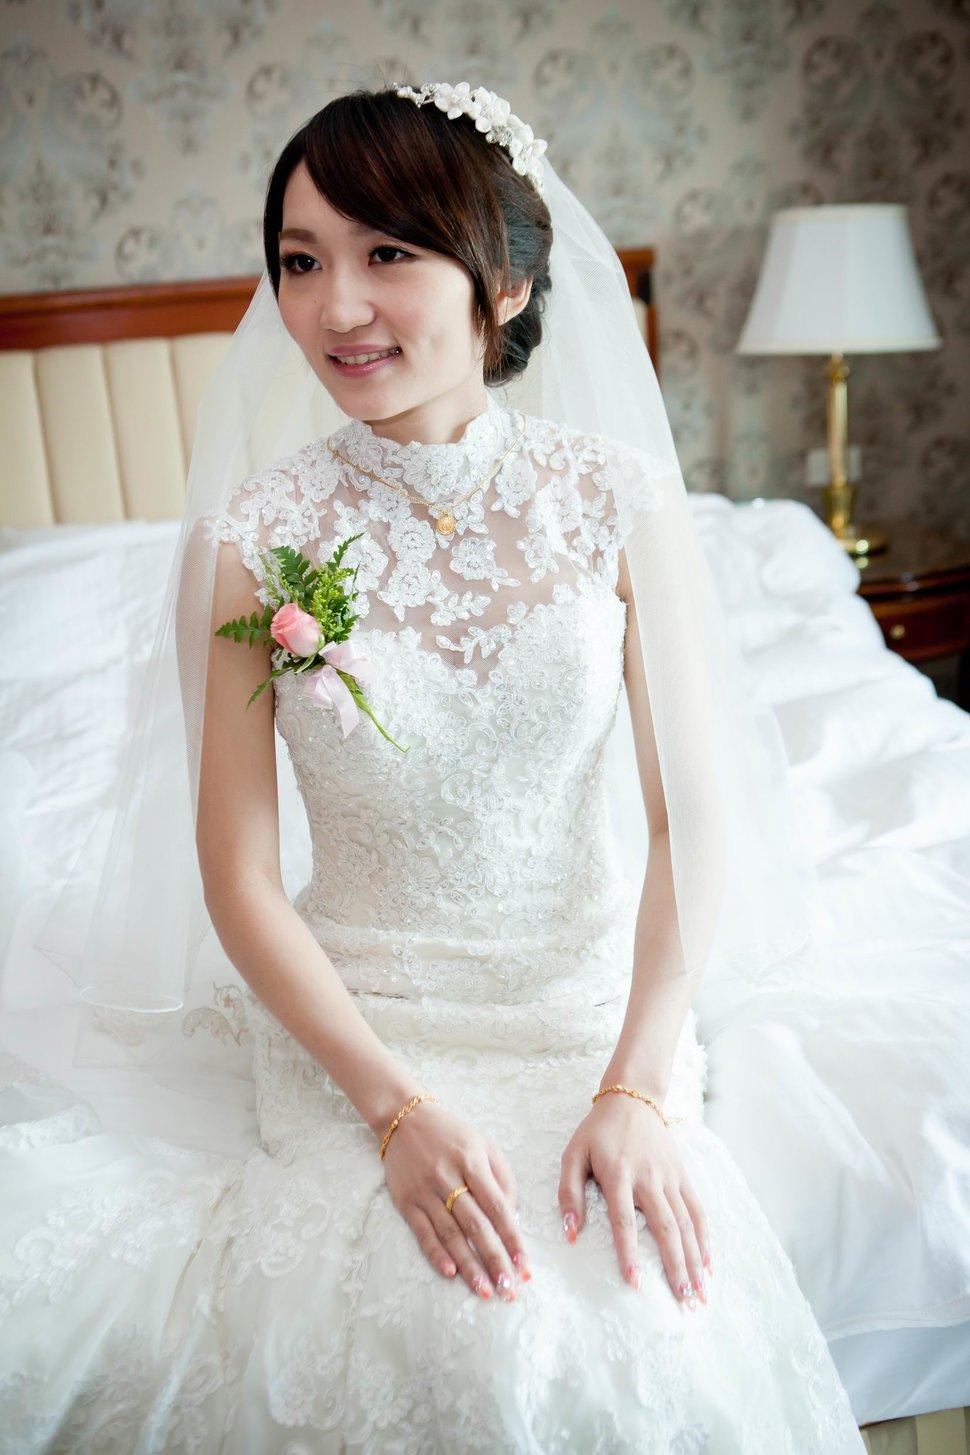 長榮桂冠酒店彭園會館婚禮記錄專業錄影平面攝影(編號:194960) - 蜜月拍照10800錄影12800攝影團隊 - 結婚吧